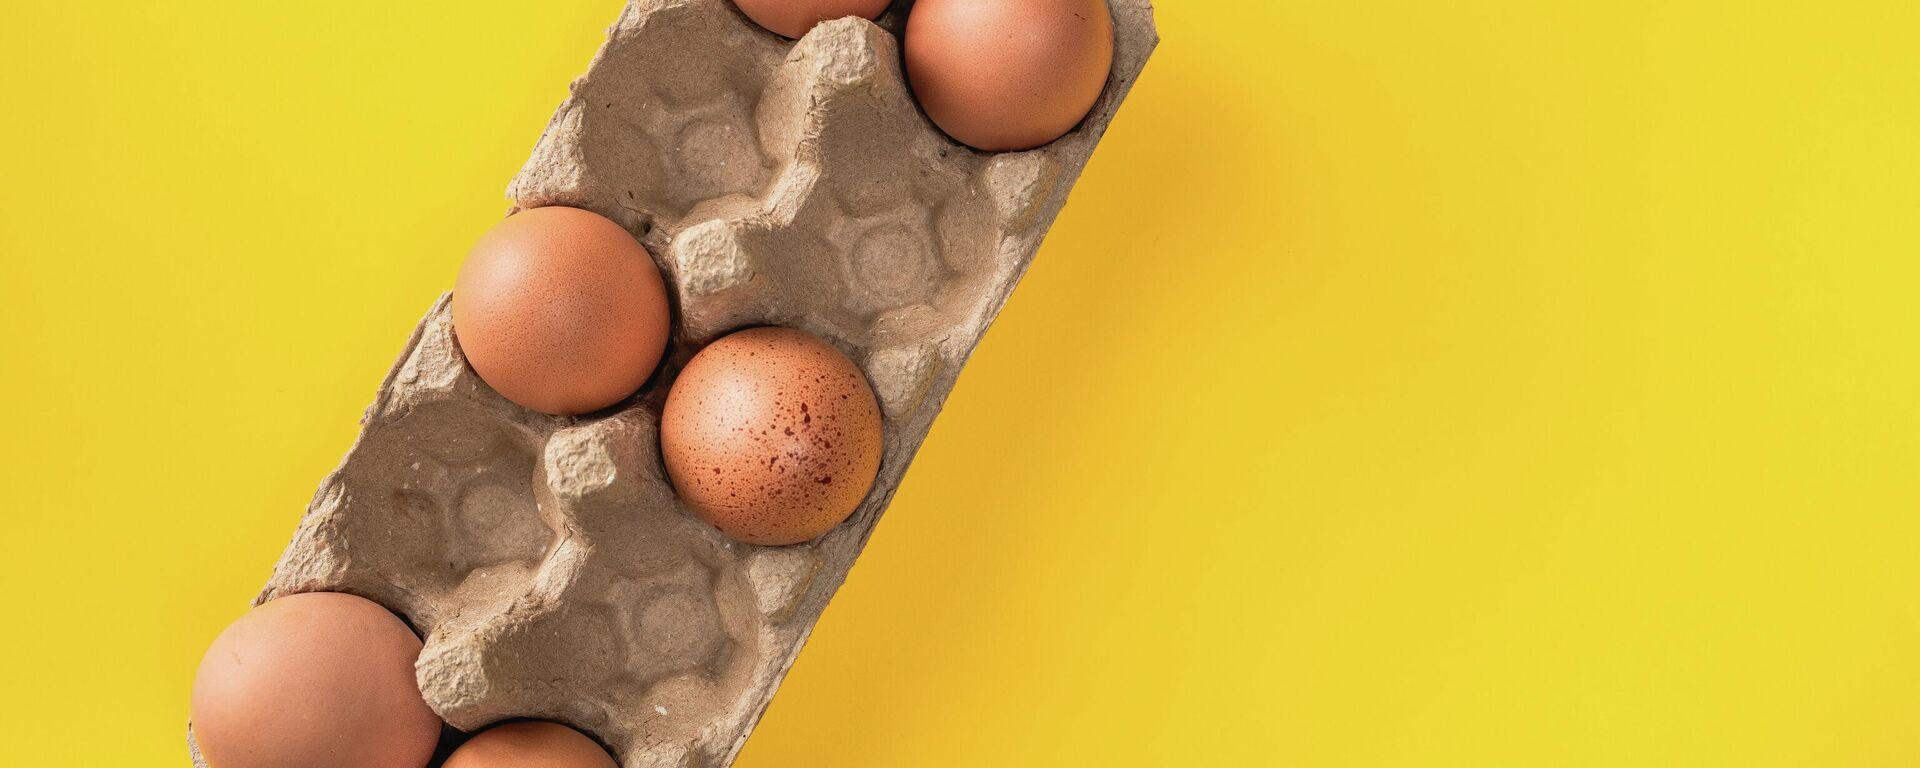 Яйца - Sputnik Узбекистан, 1920, 30.08.2021